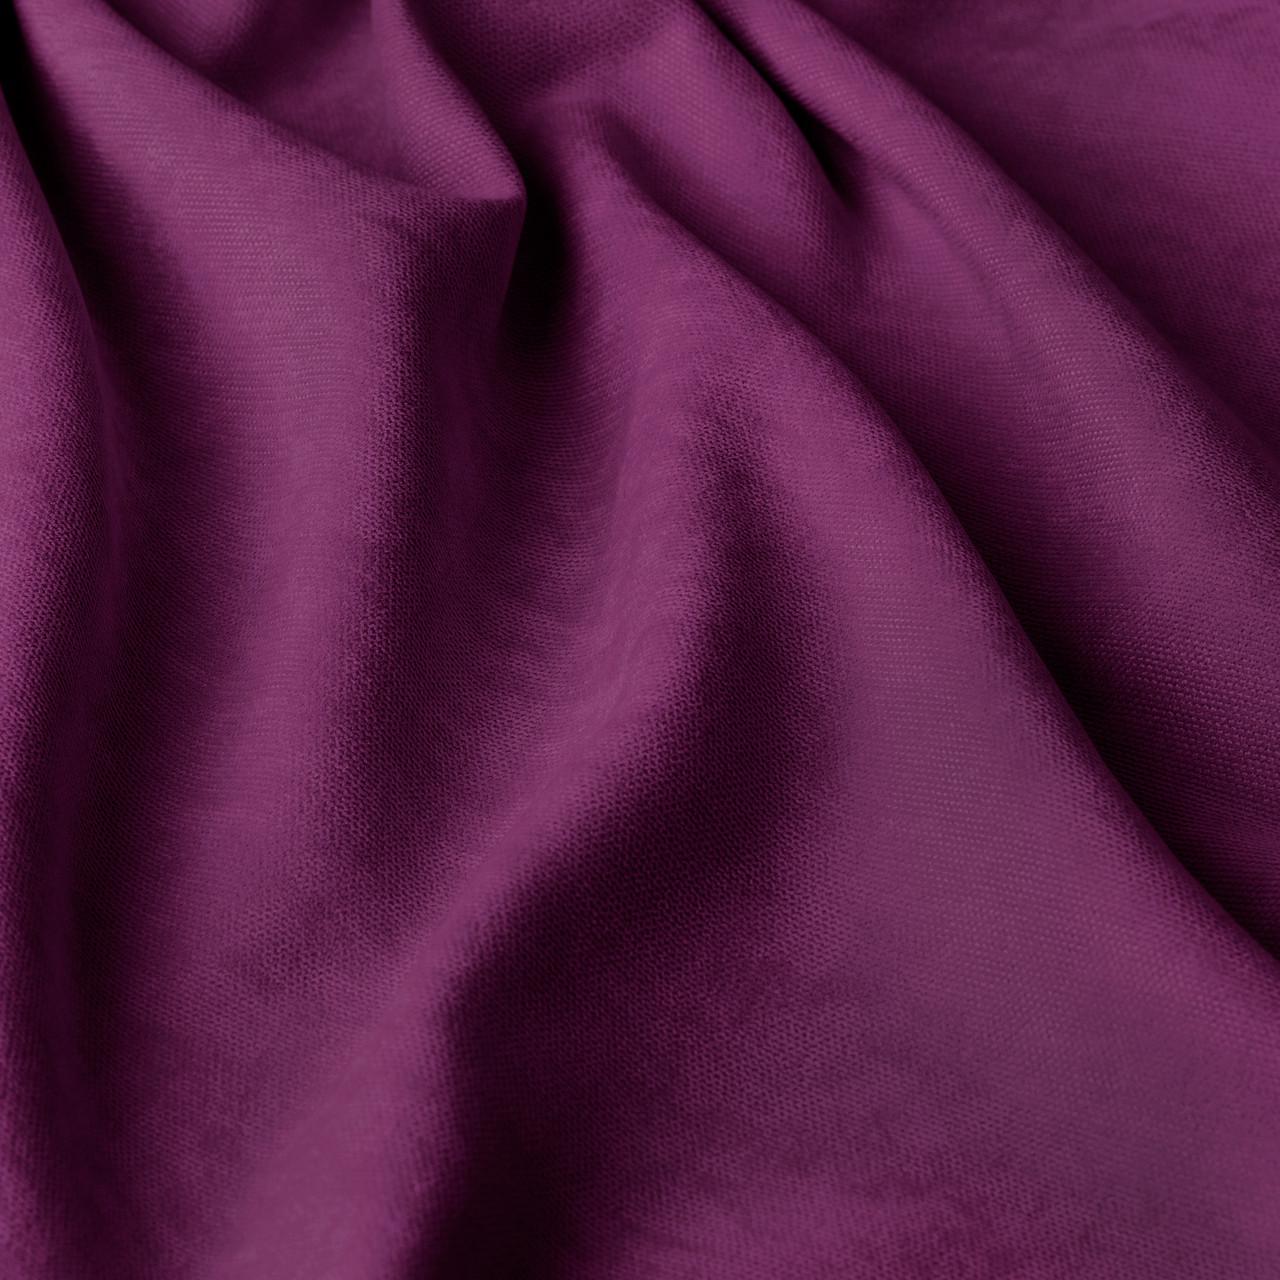 Однотонная декоративная ткань велюр фиолетового цвета 84435v44